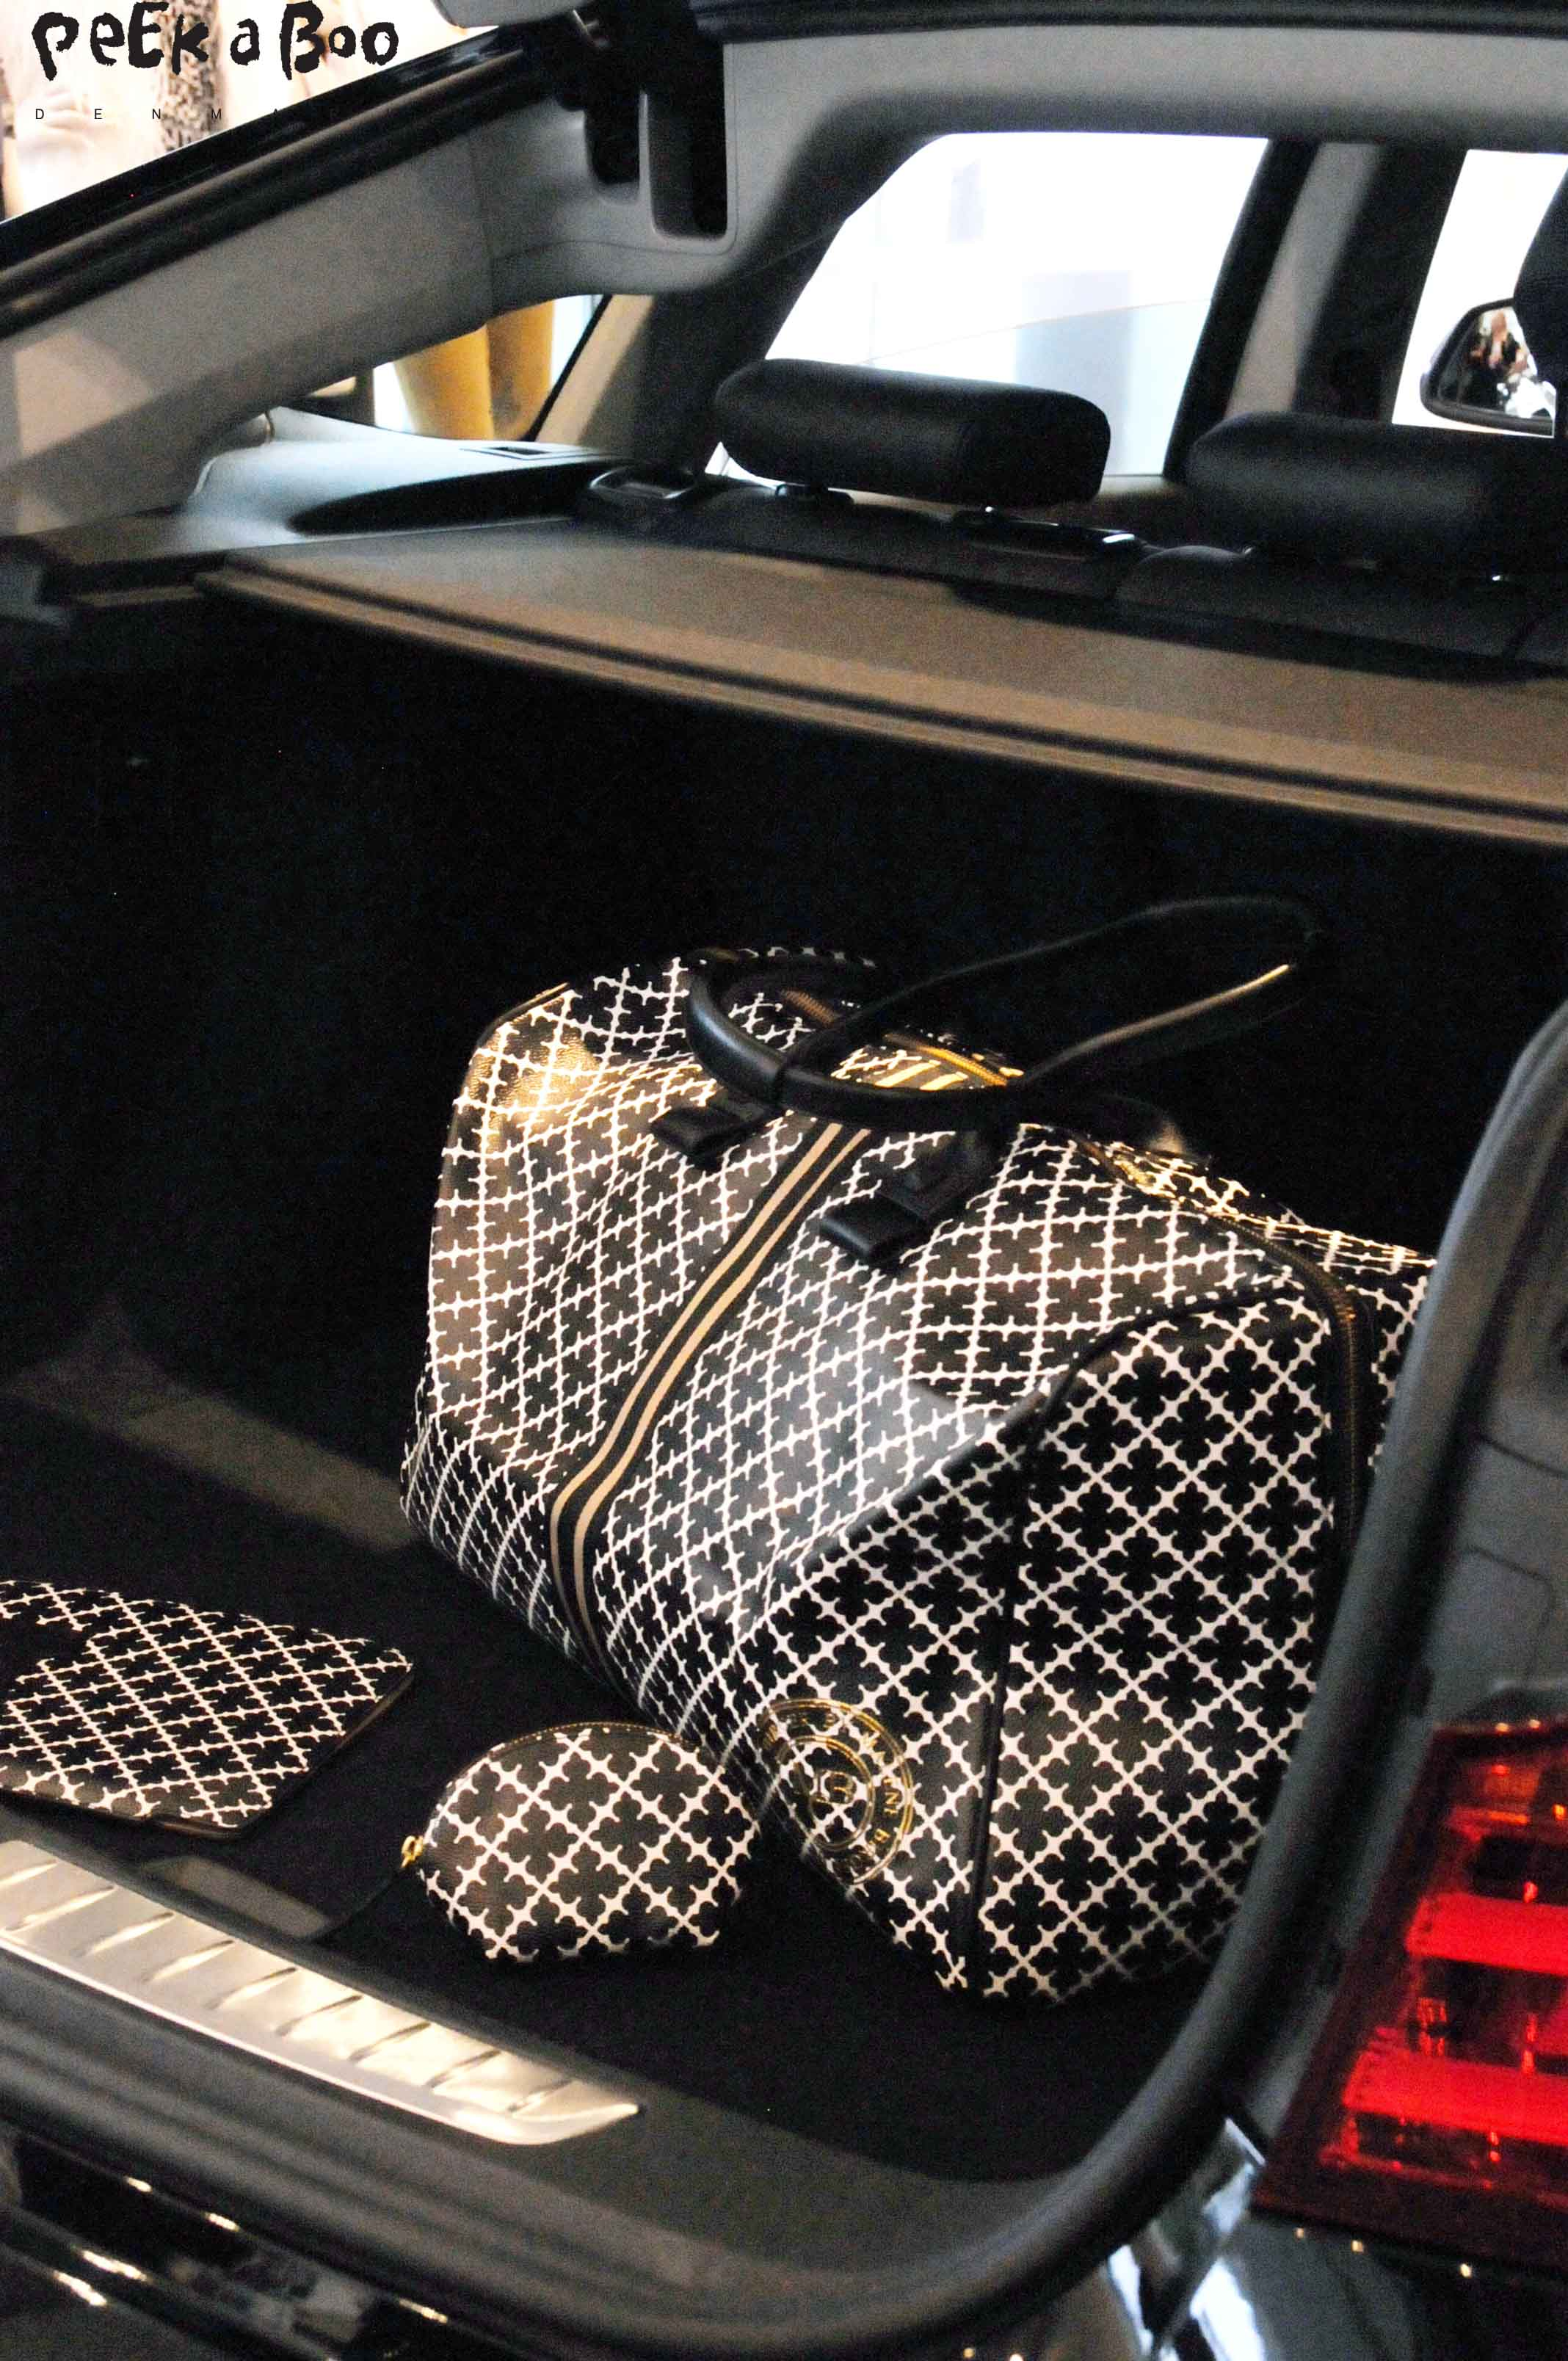 Limited edition af design pakke til BMW designet af Malene Birger